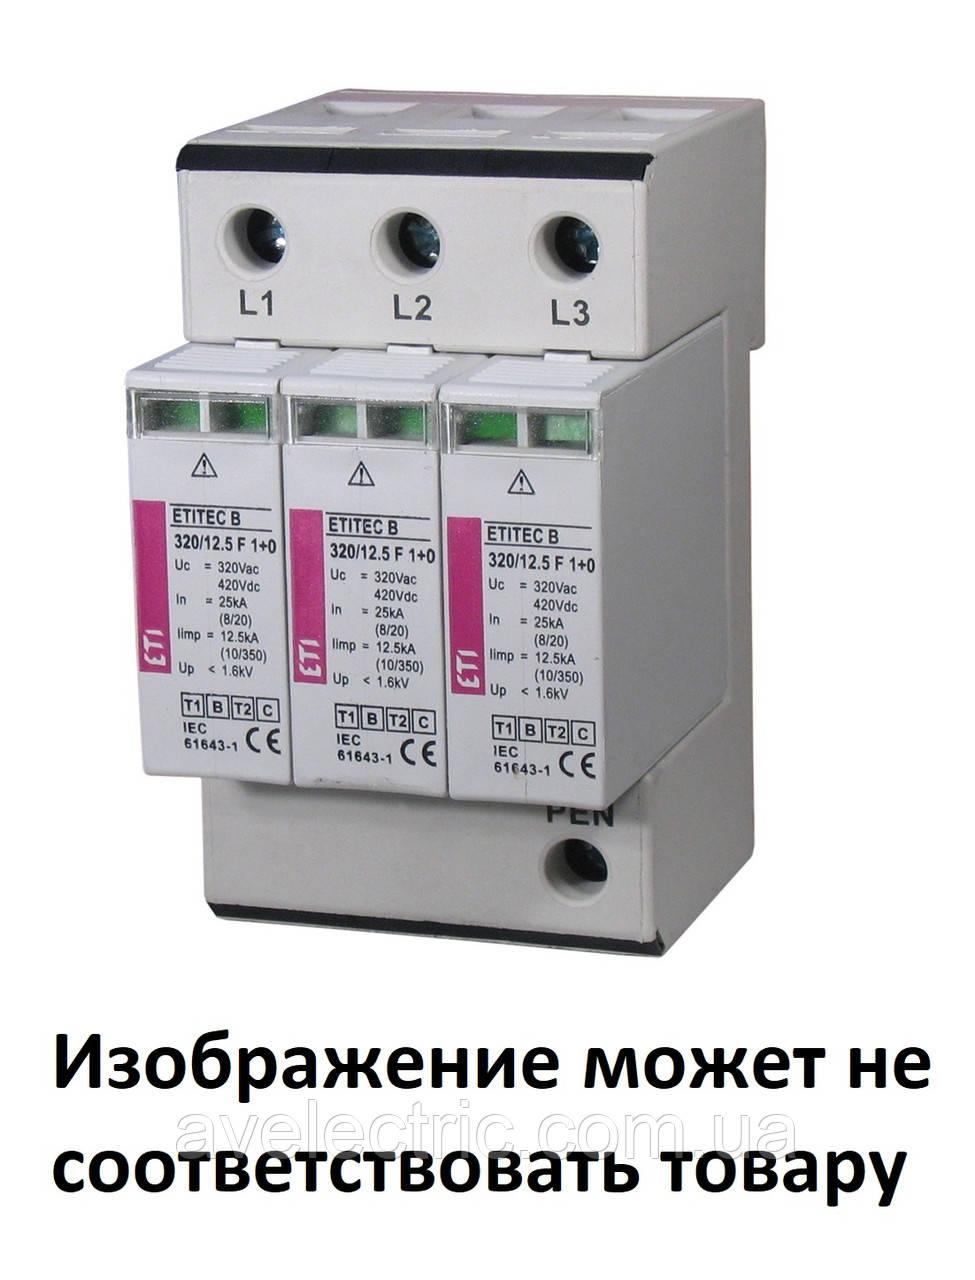 Ограничитель перенапряжения ETITEC S B 275/25 (1+0, 2p, TNC) RC